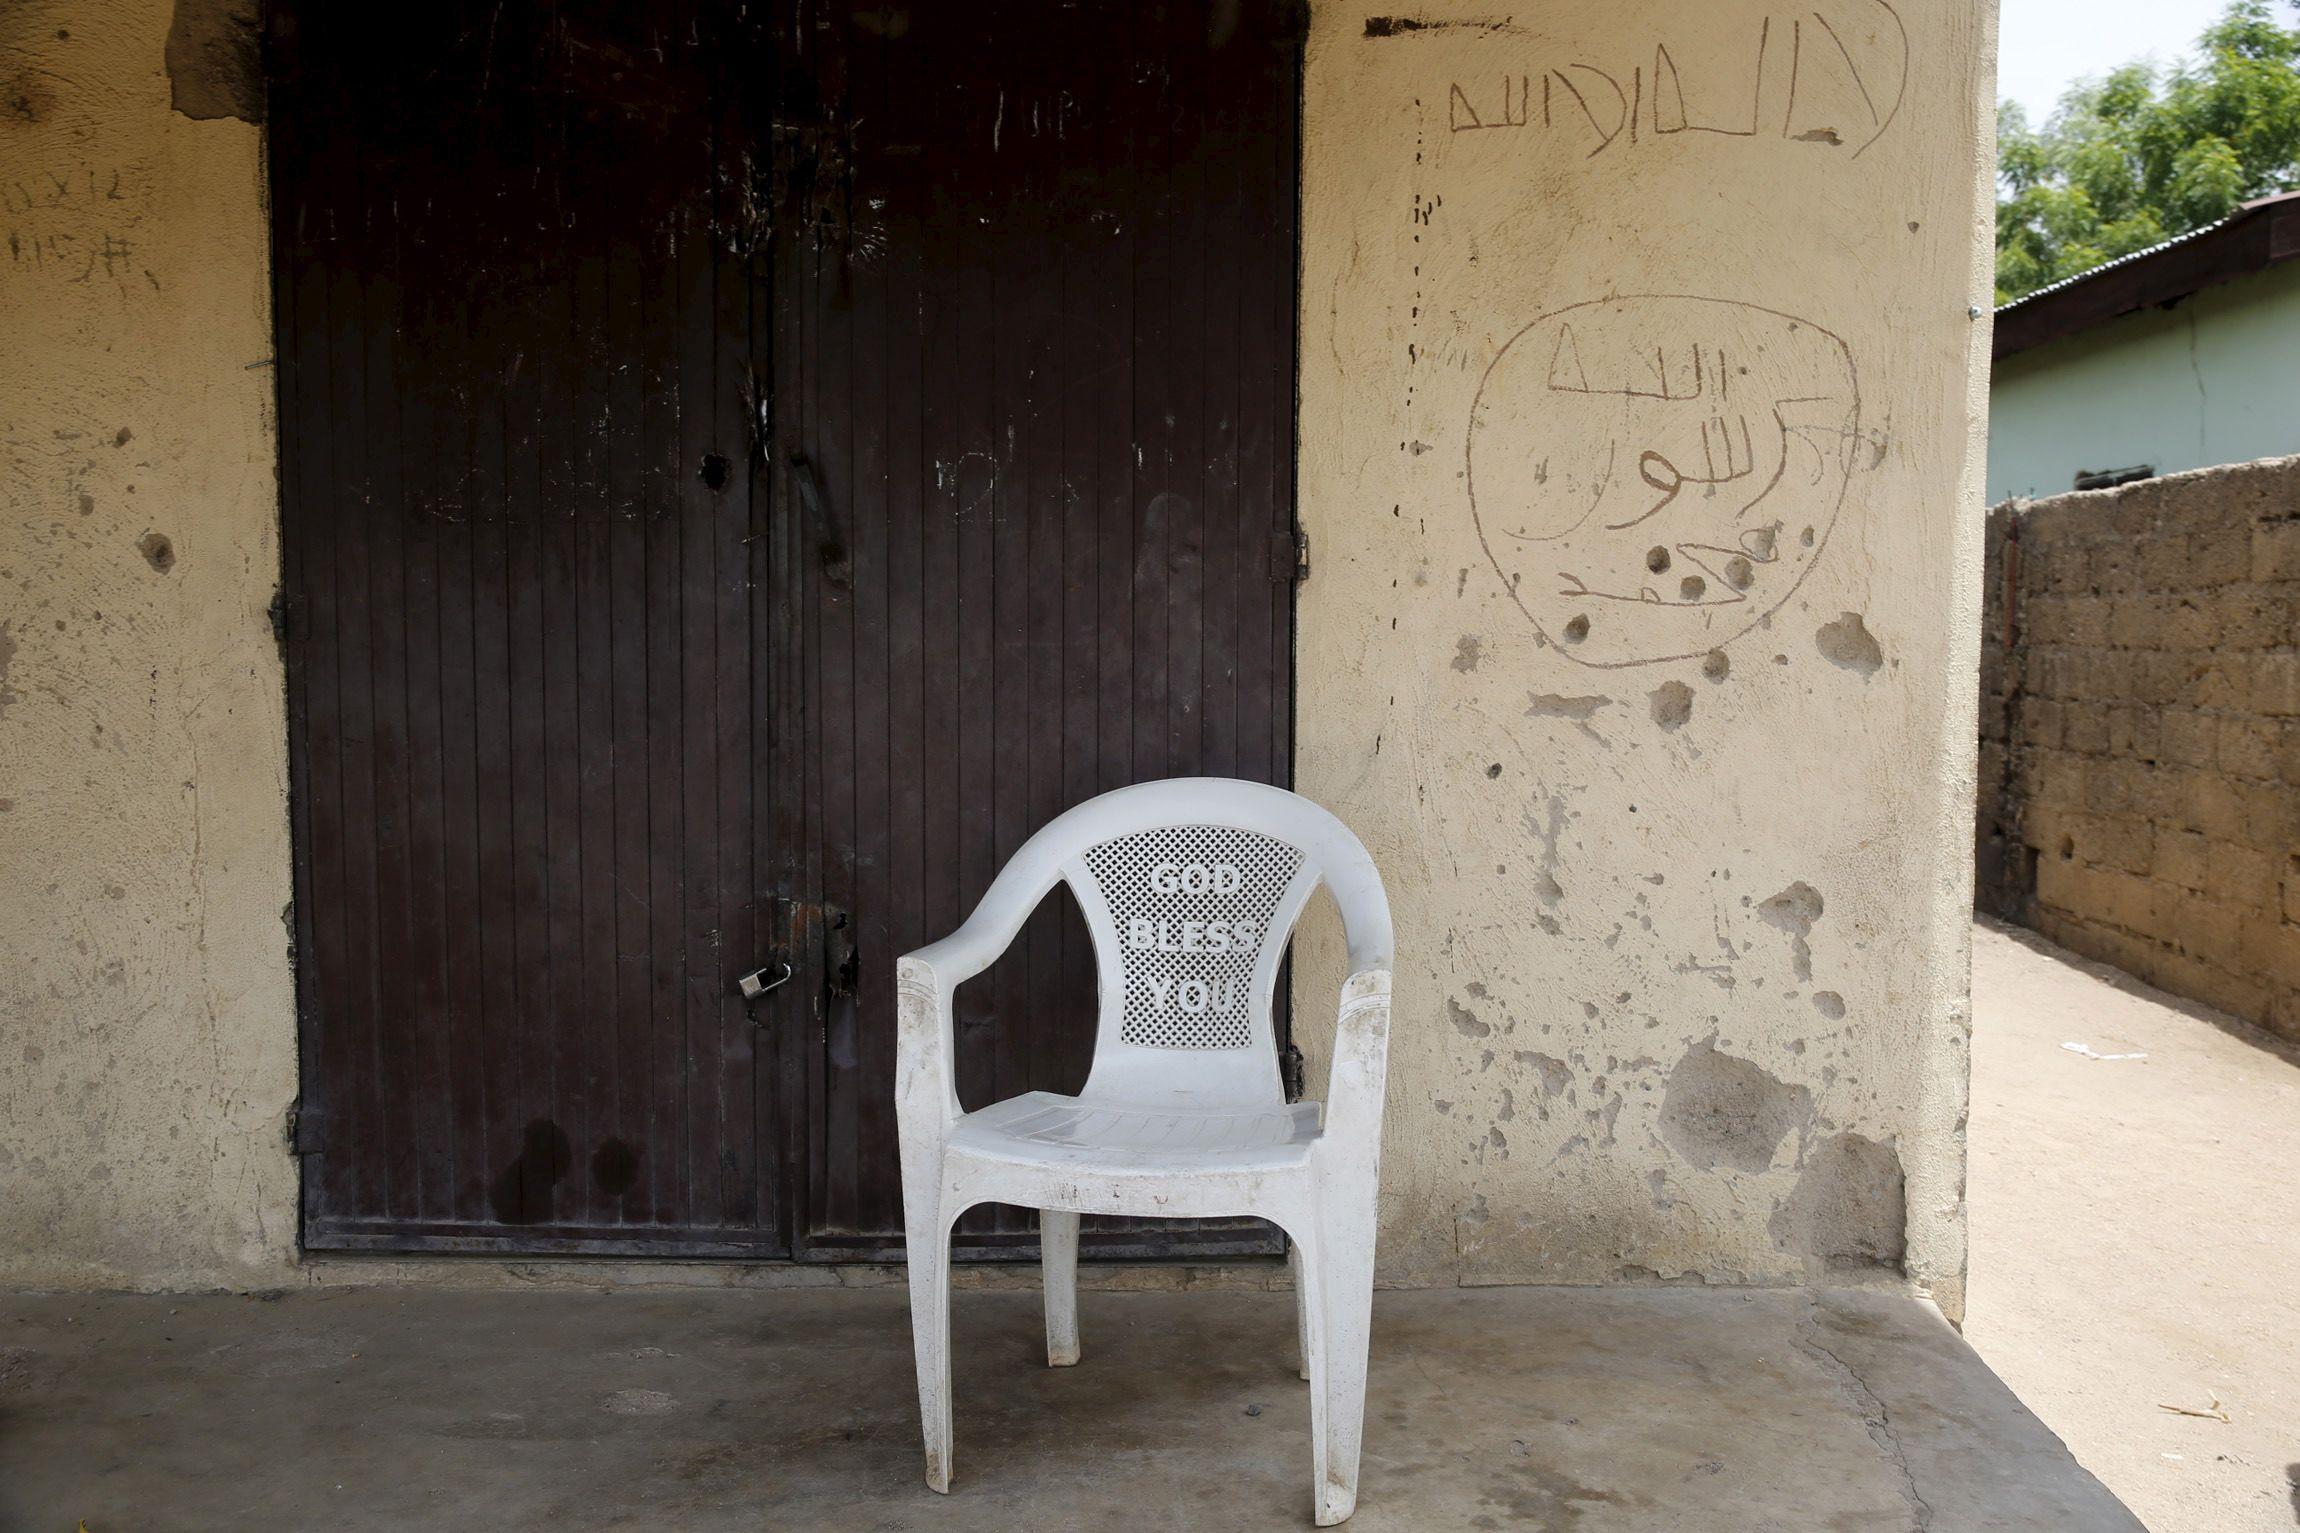 In Boko Haram's wake